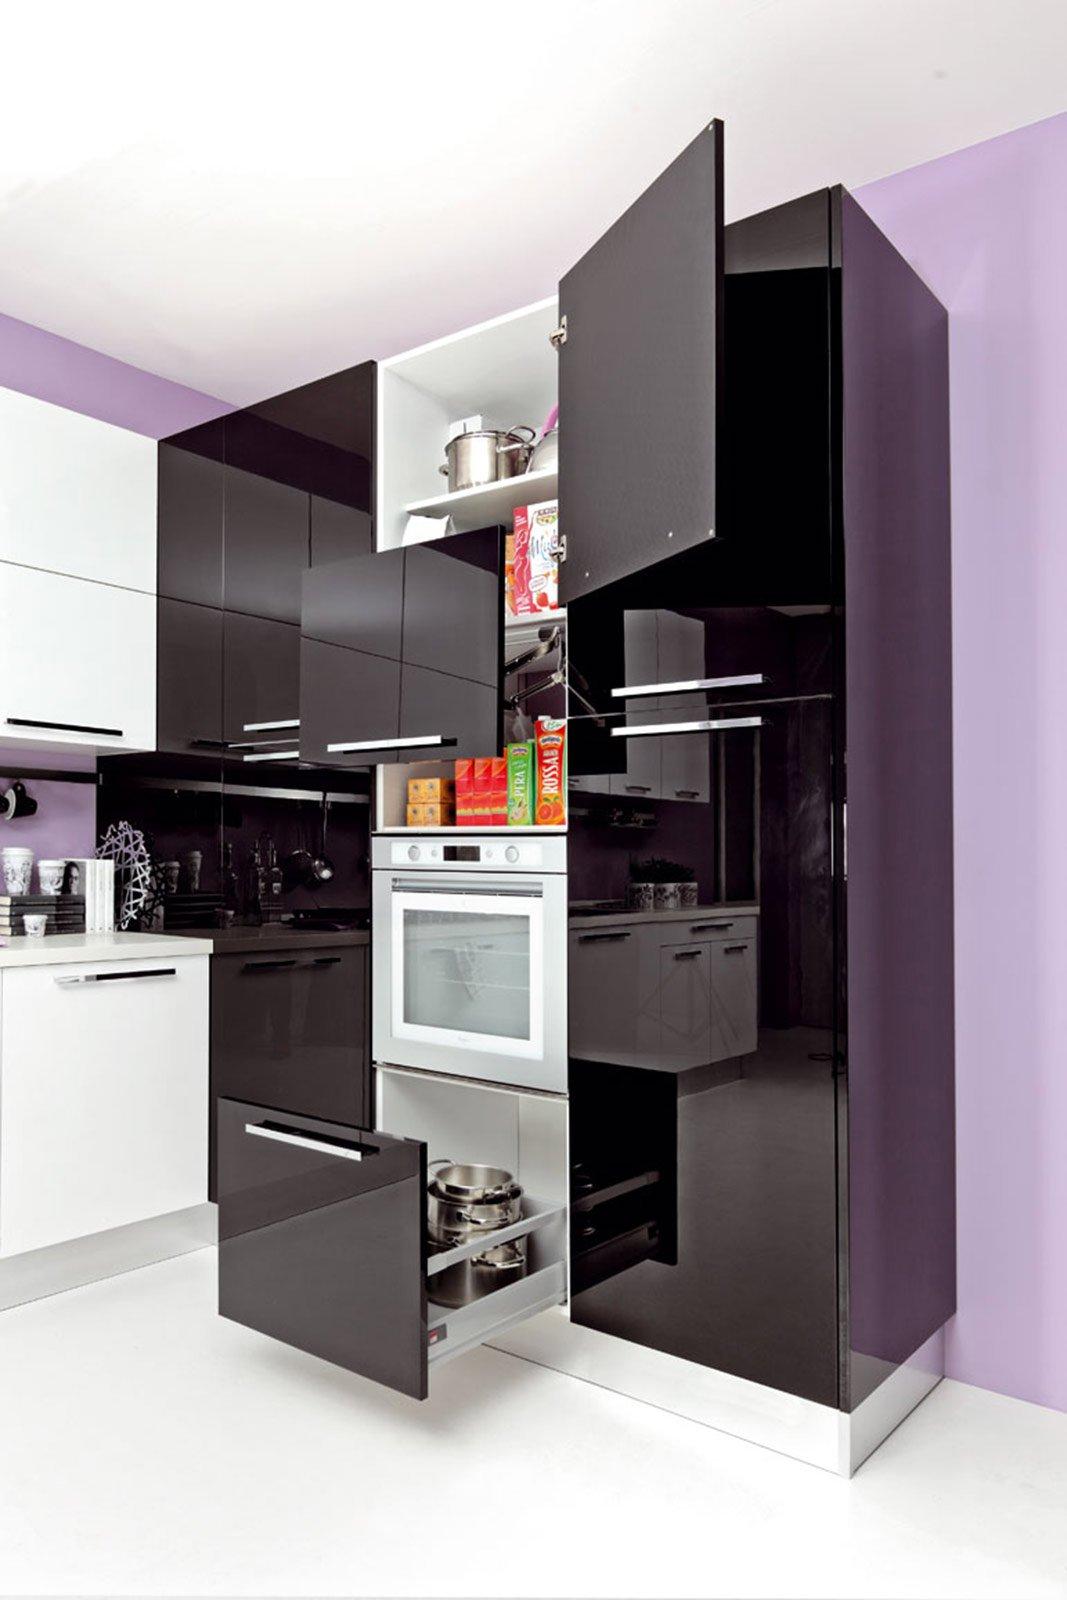 Funzionalit in cucina con le attrezzature giuste cose di casa - La cucina di martina ...